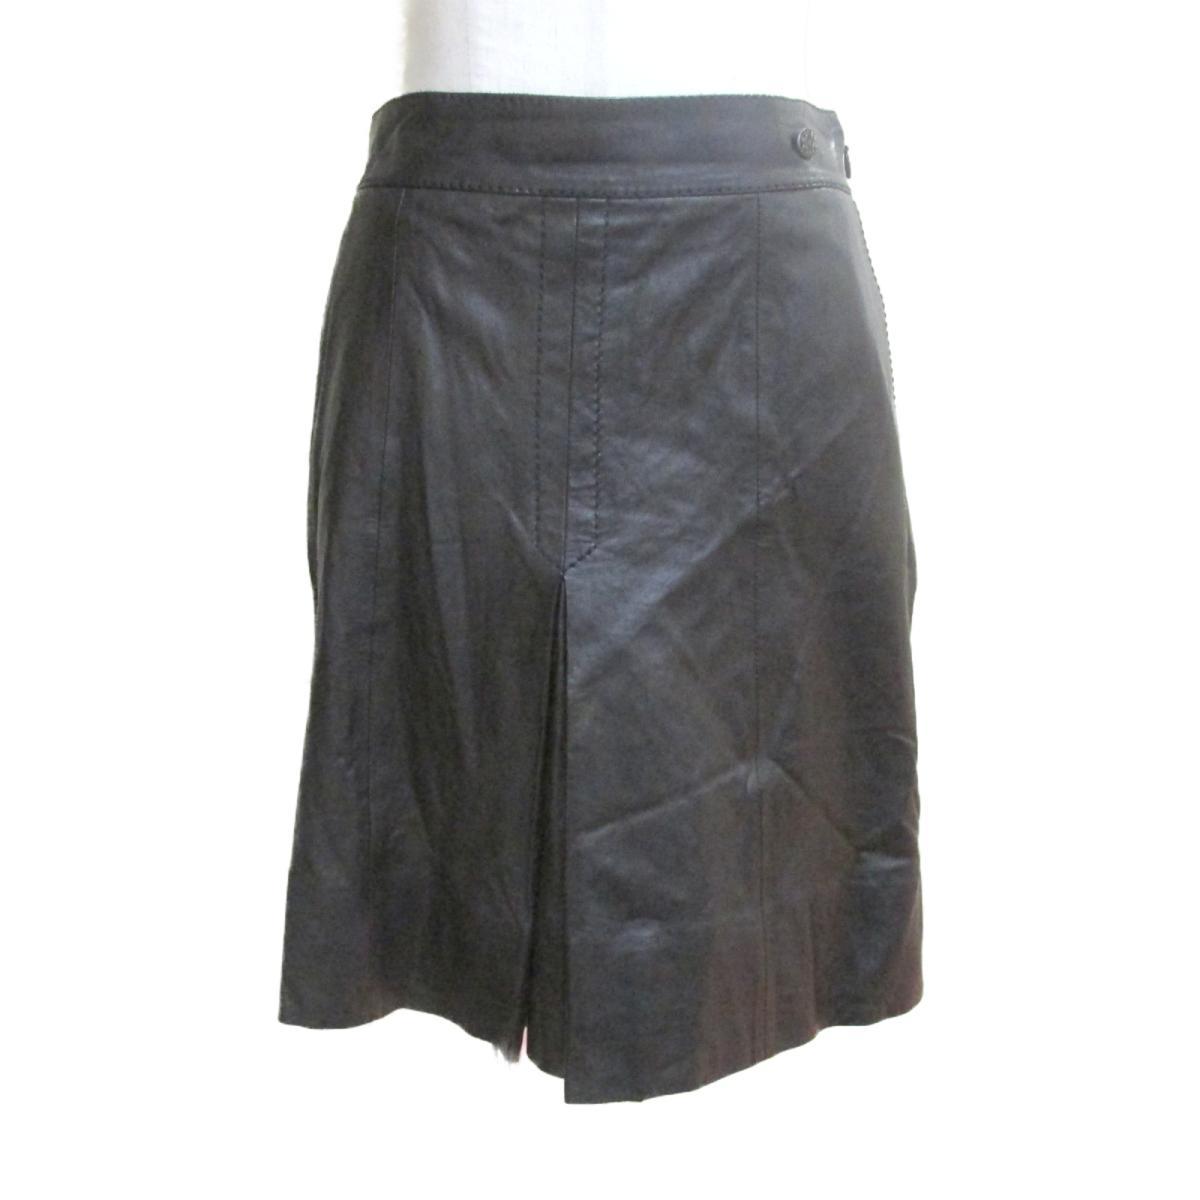 【中古】シャネル スカート レディース ラムスキン100% ブラック (P45579C00202) | CHANEL BRANDOFF ブランドオフ 衣料品 衣類 ブランド ボトムス